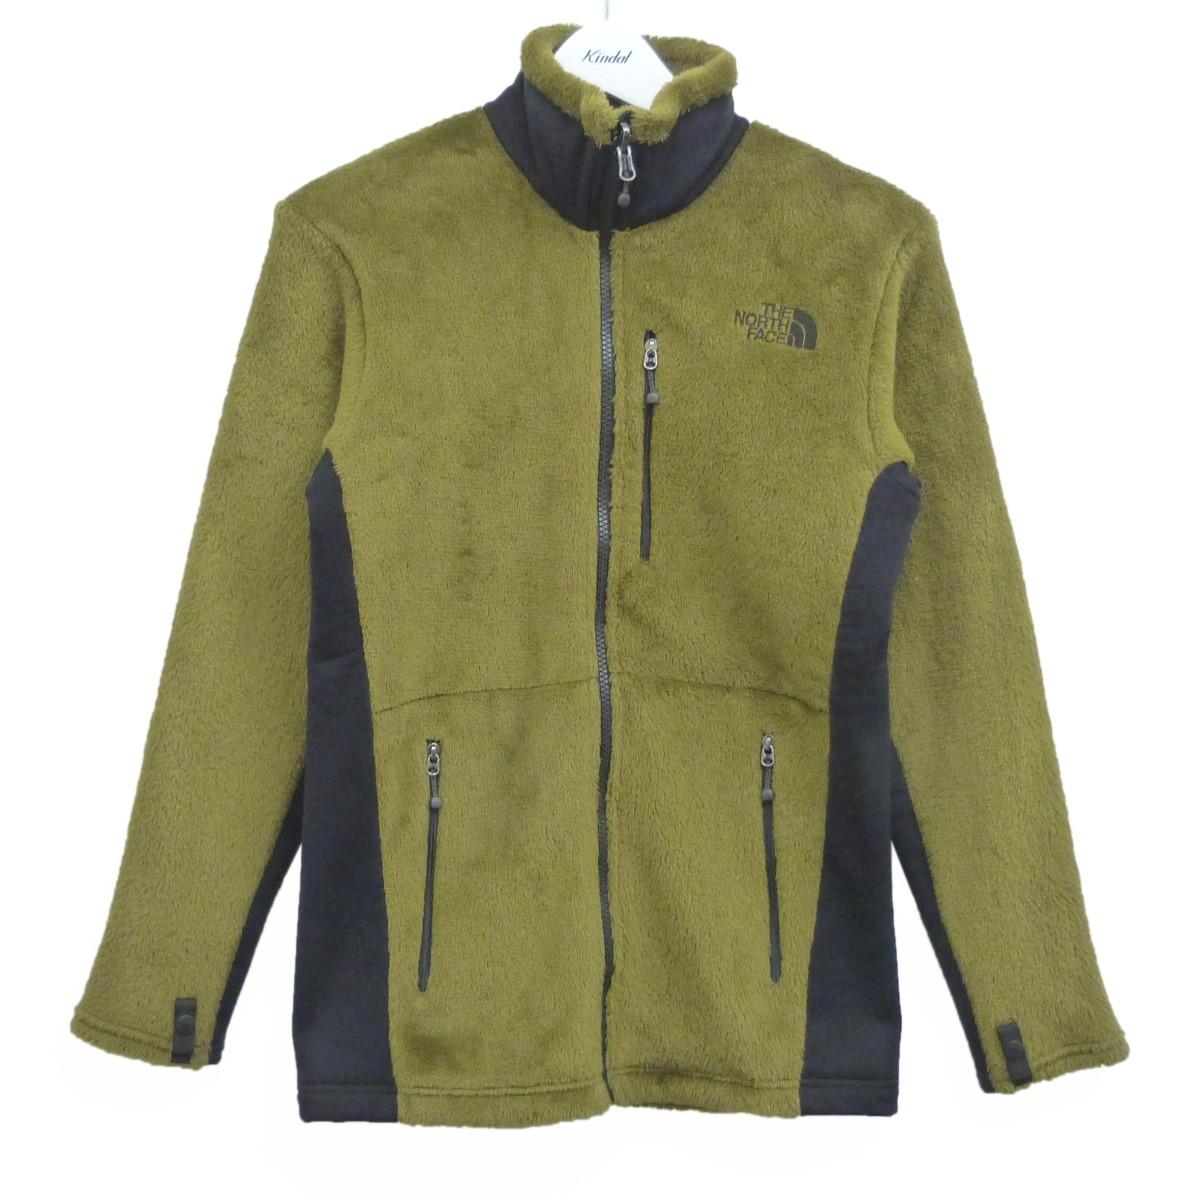 【中古】THE NORTH FACE 「ZI Versa Mid Jacket」フリースジャケット ミリタリーオリーブ サイズ:S 【100920】(ザノースフェイス)